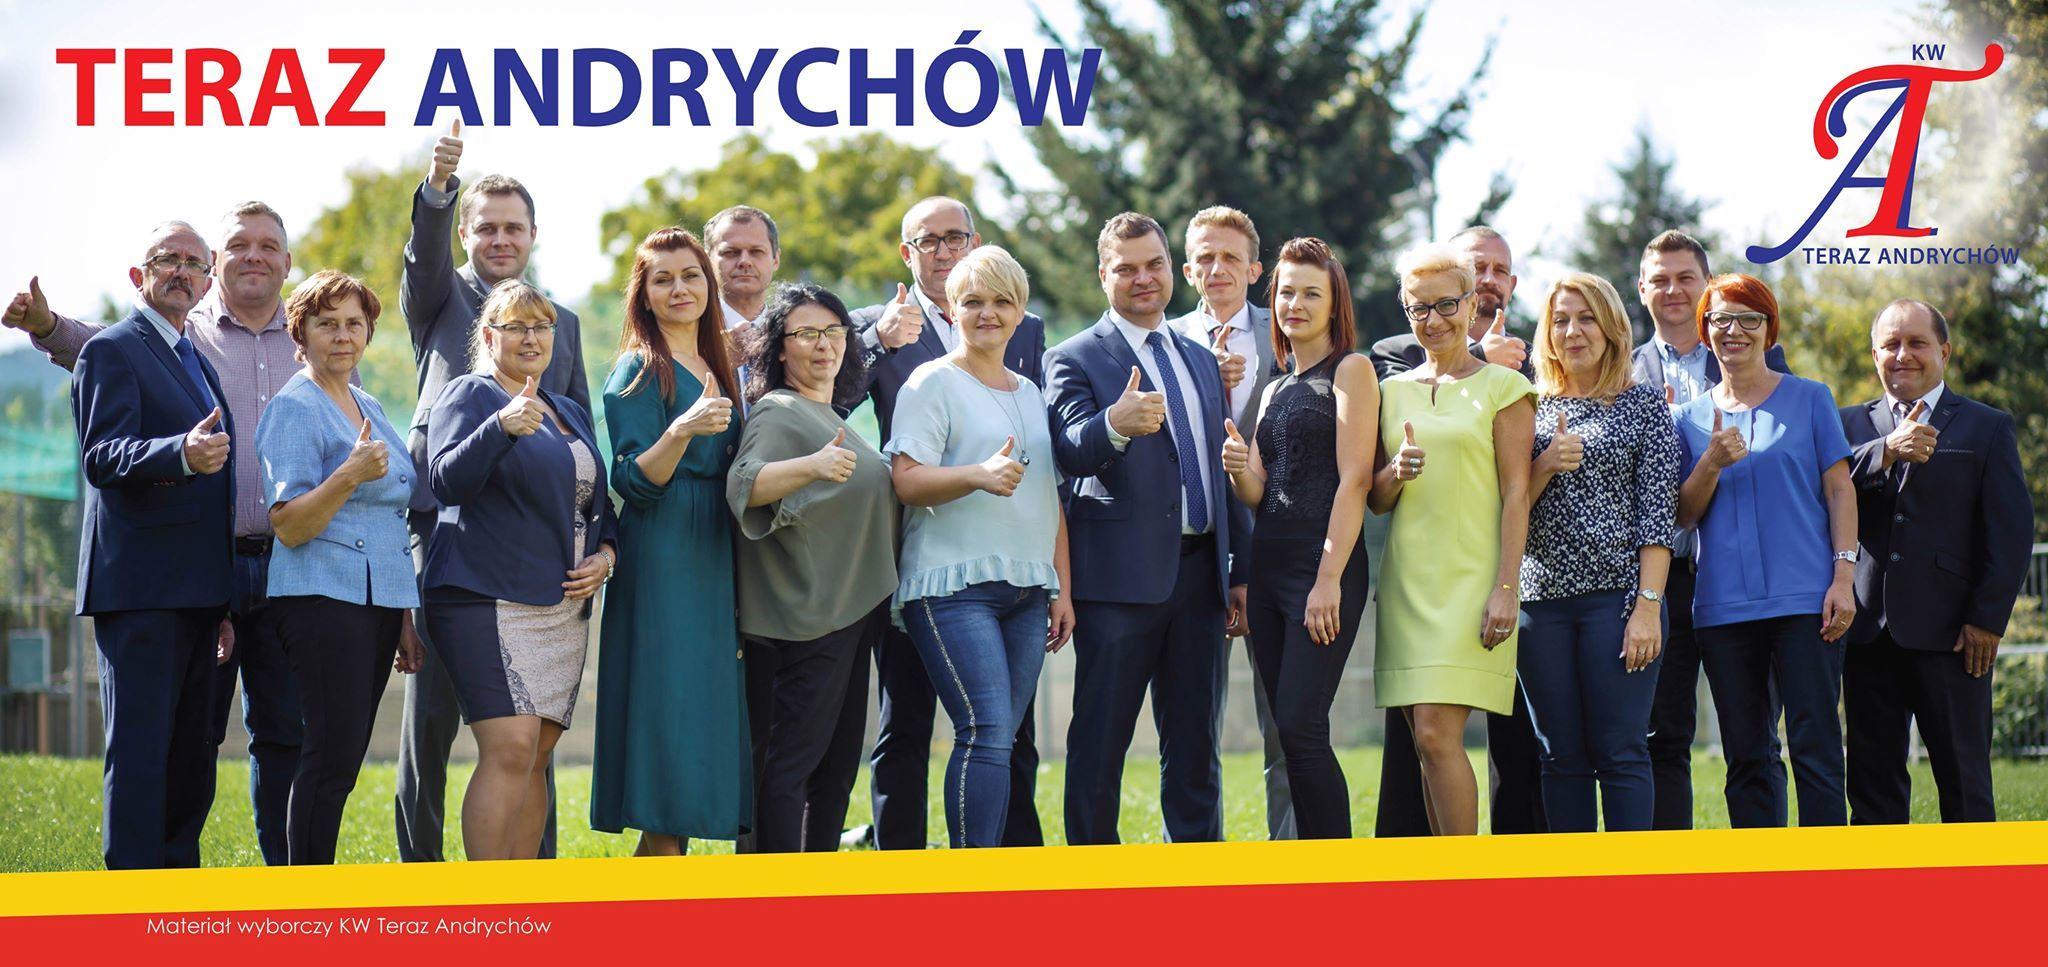 Oświadczenie Komitetu Wyborczego Teraz Andrychów w związku z II turą wyborów w Andrychowie